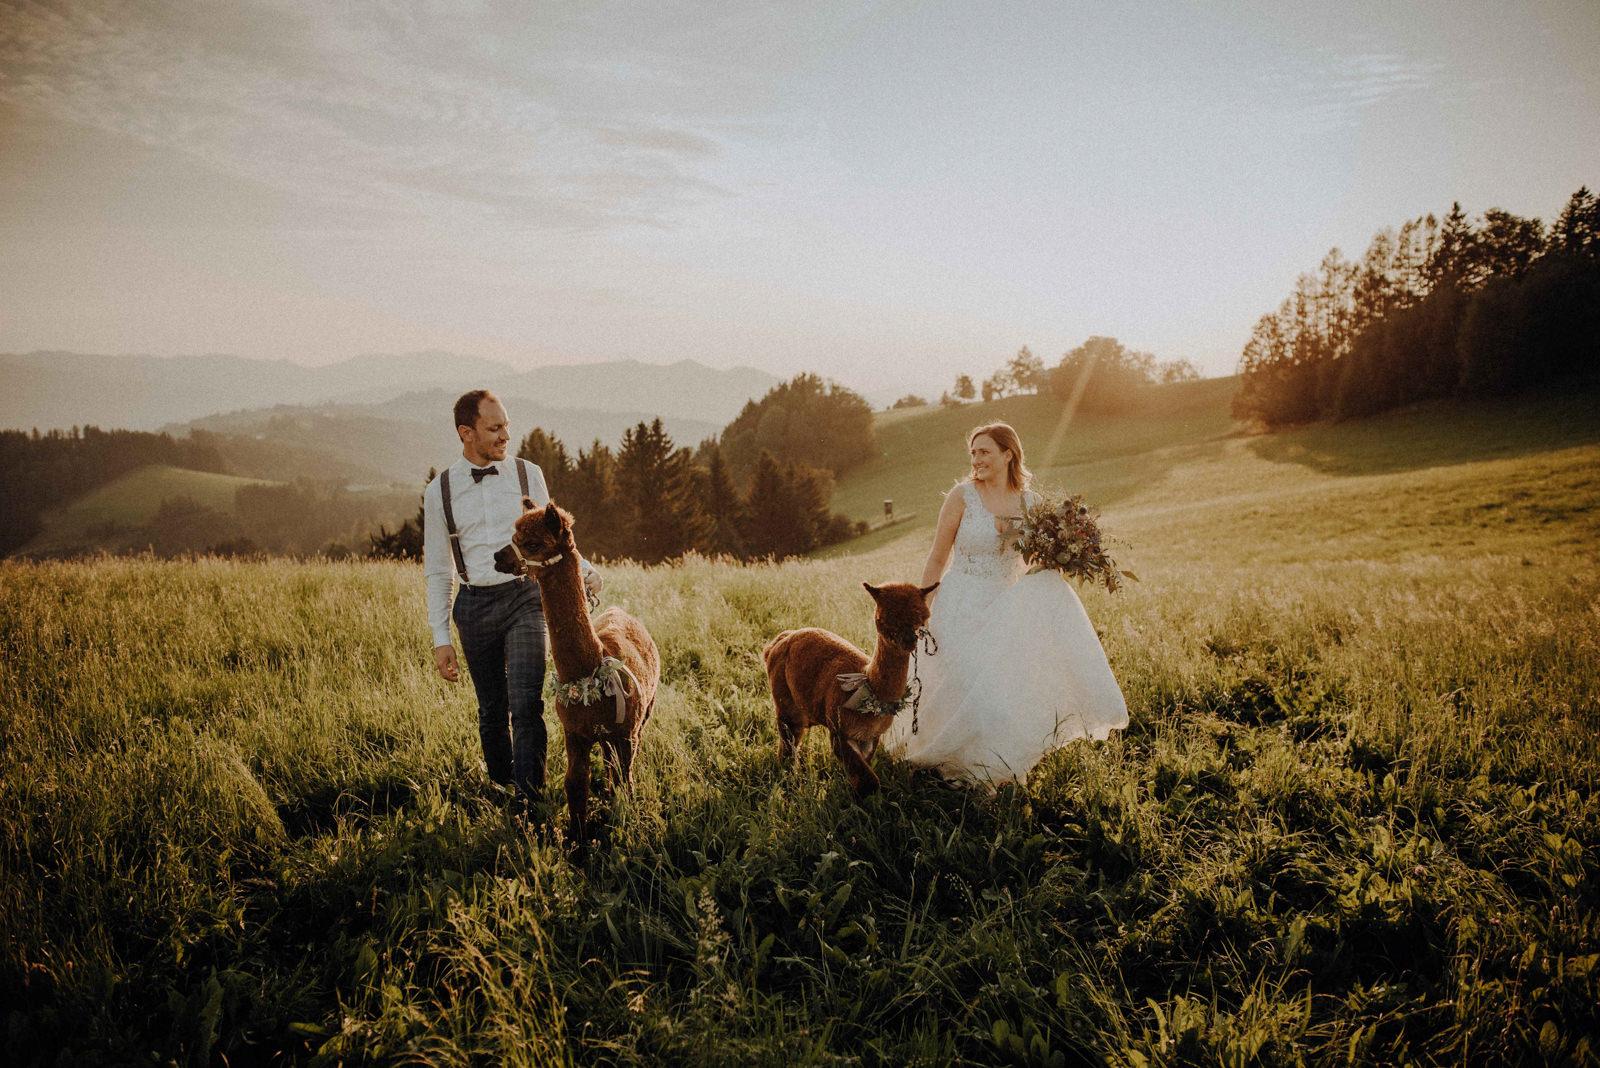 Aplpaca After Wedding Shooting by Christoph Weiermair